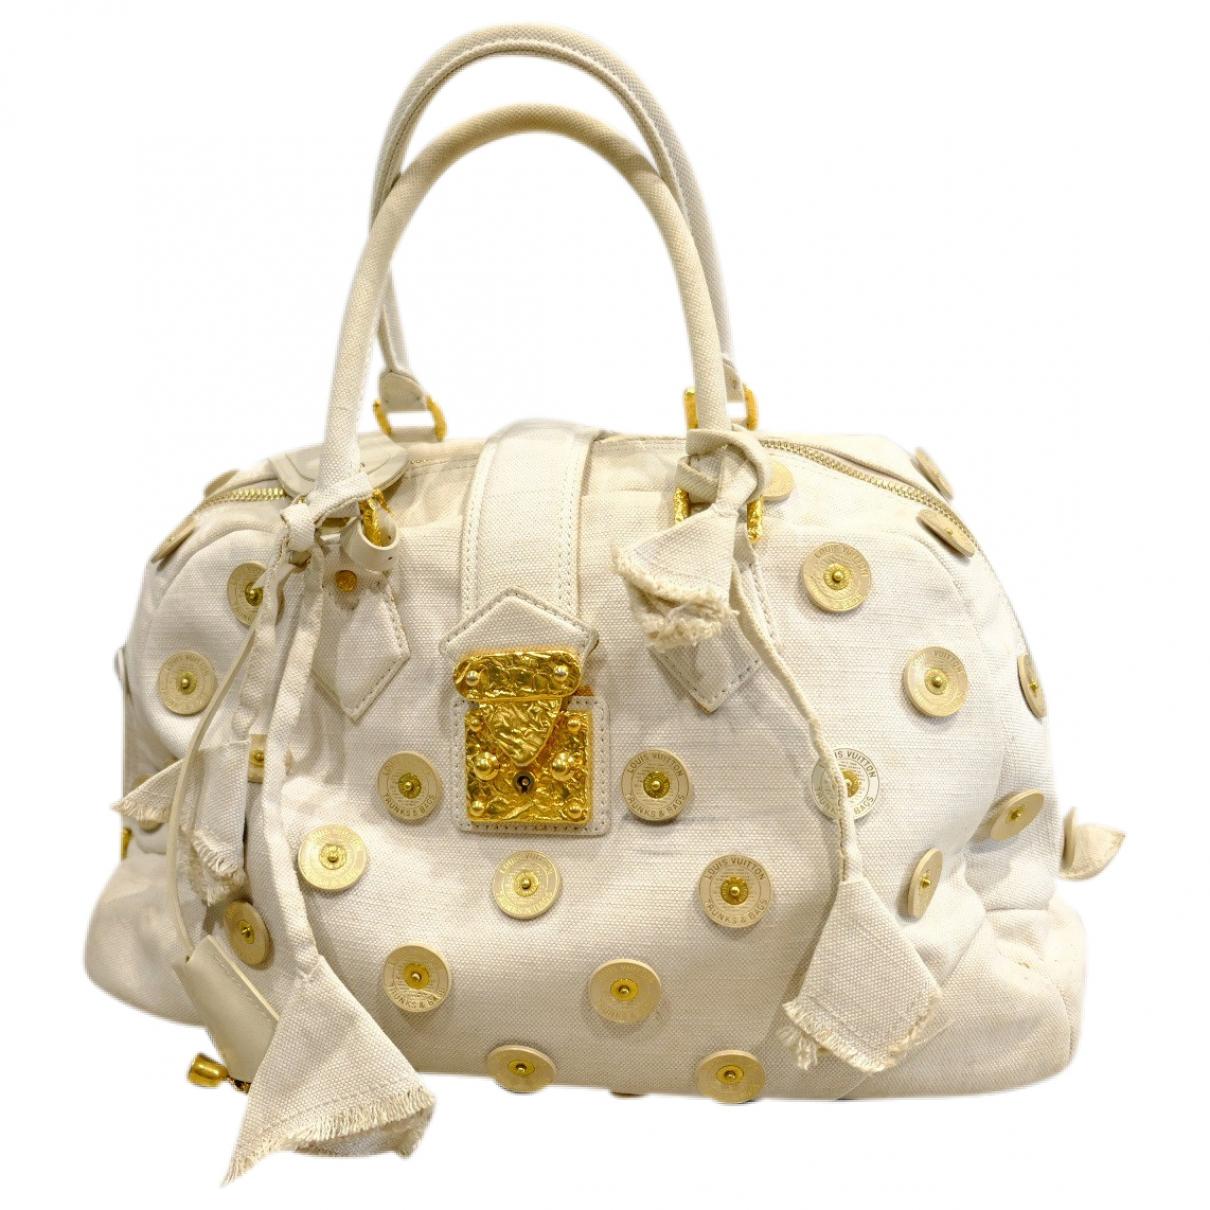 Louis Vuitton \N Handtasche in  Weiss Leinen